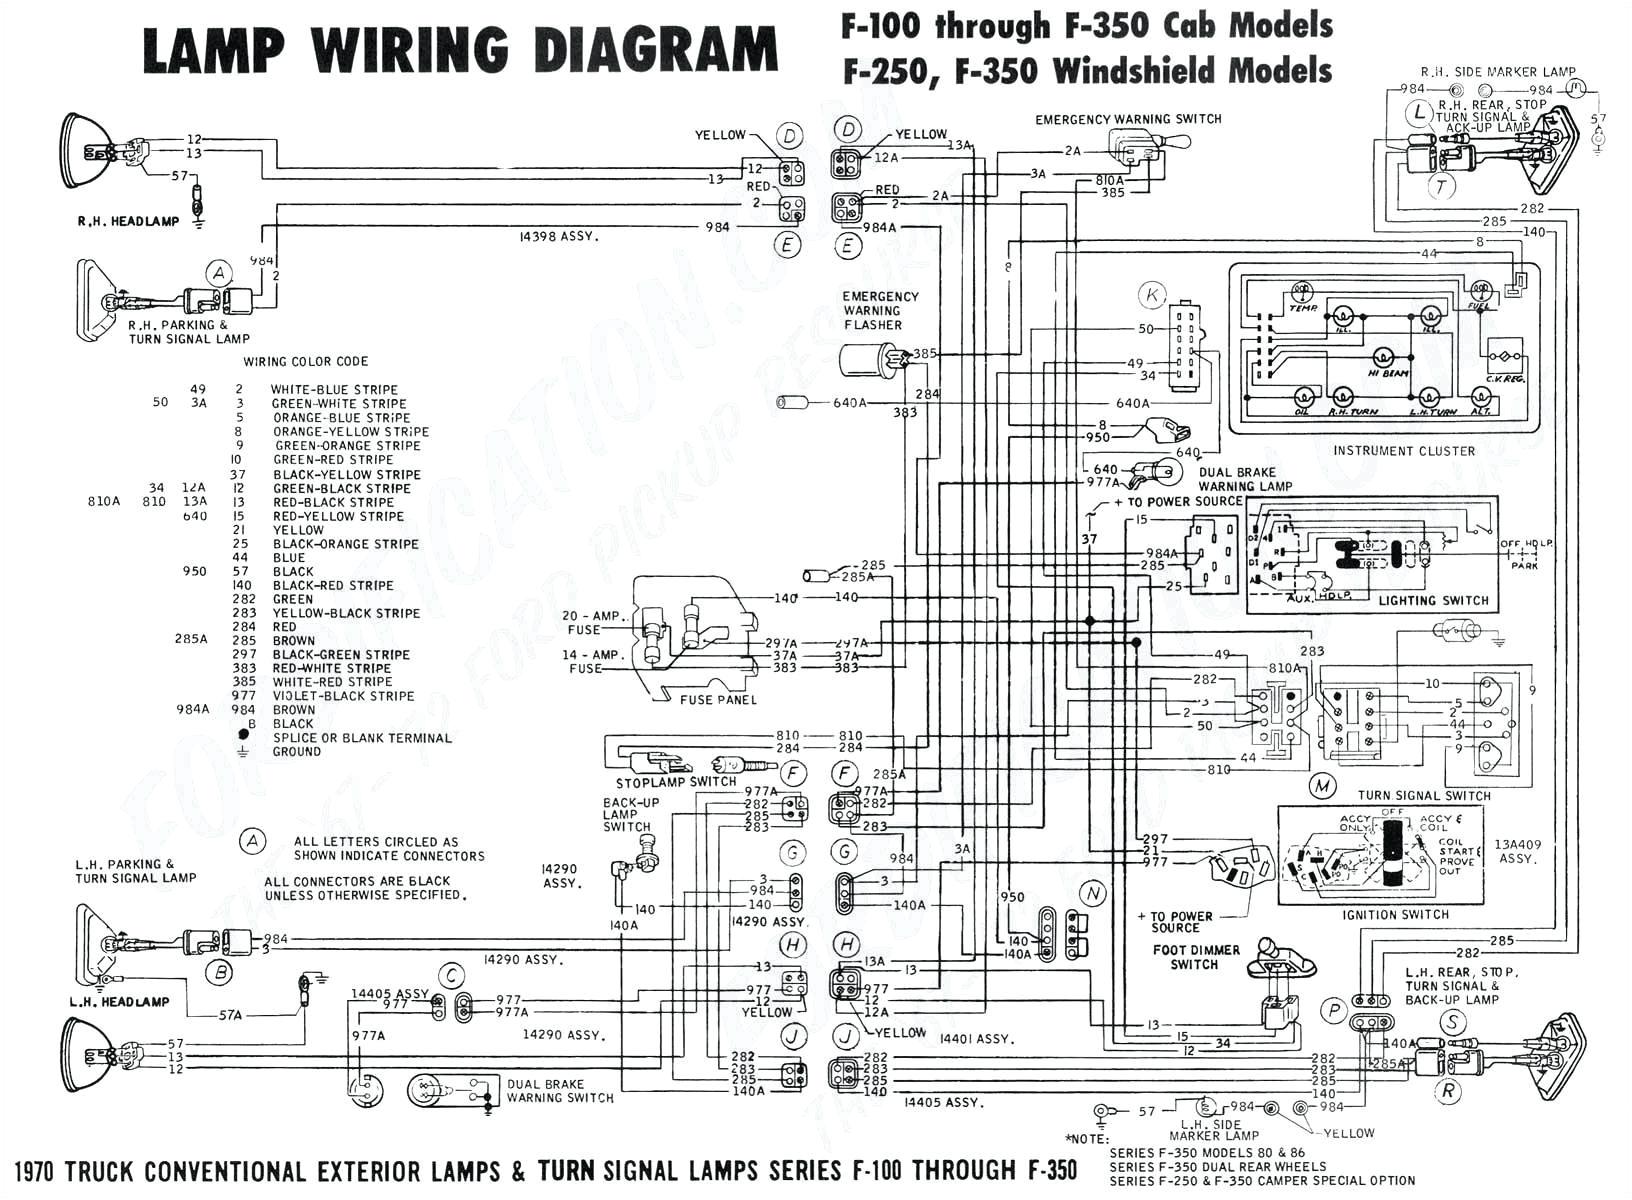 1990 dodge alternator wiring wiring diagram expert